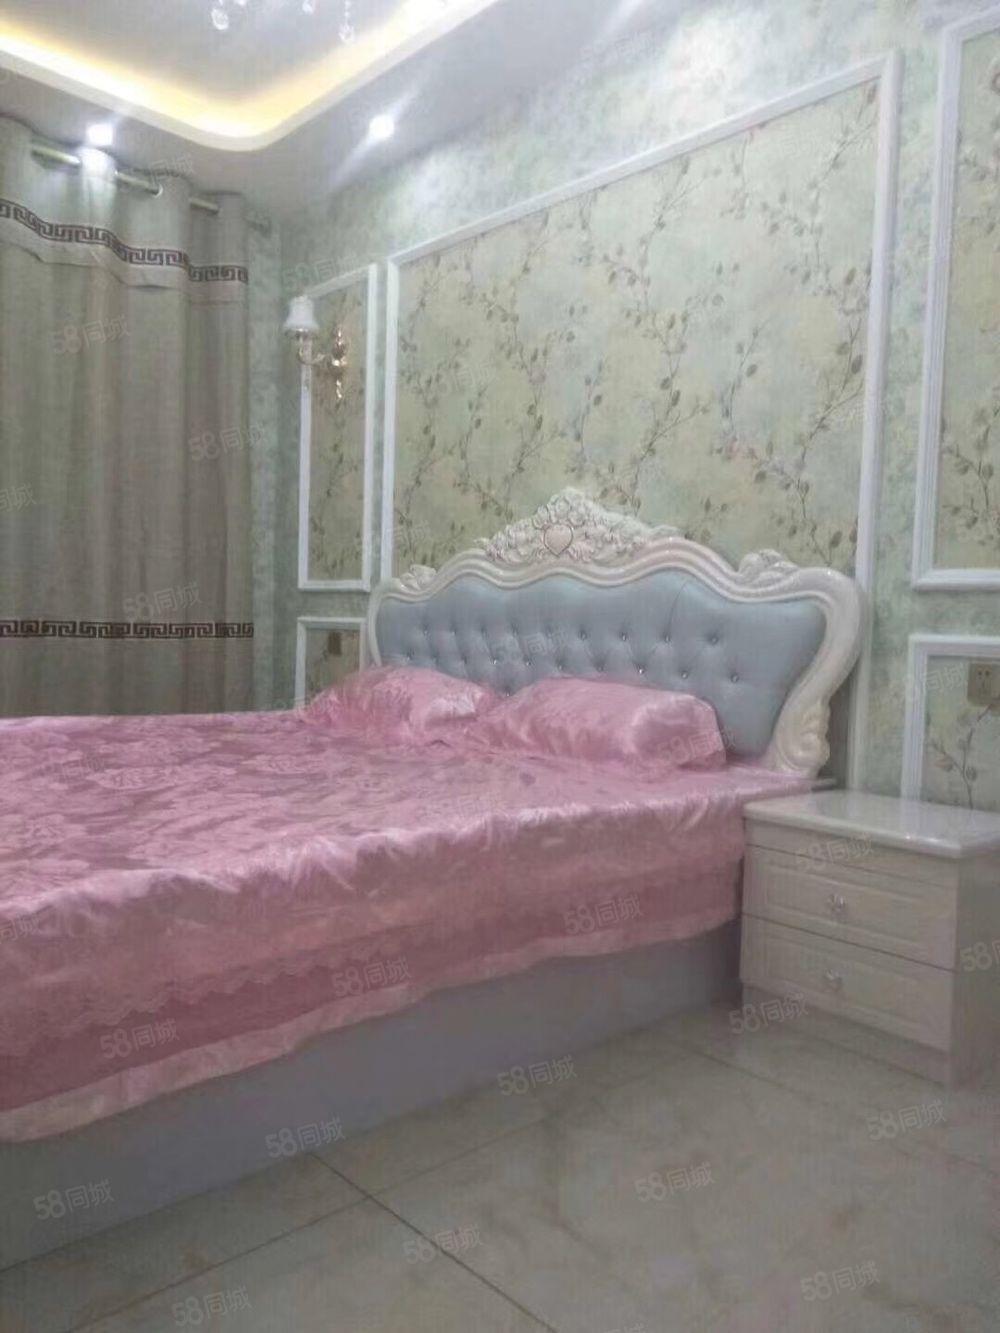 清新雅居19楼,两室,南明厅落地窗,精装,带全屋家具